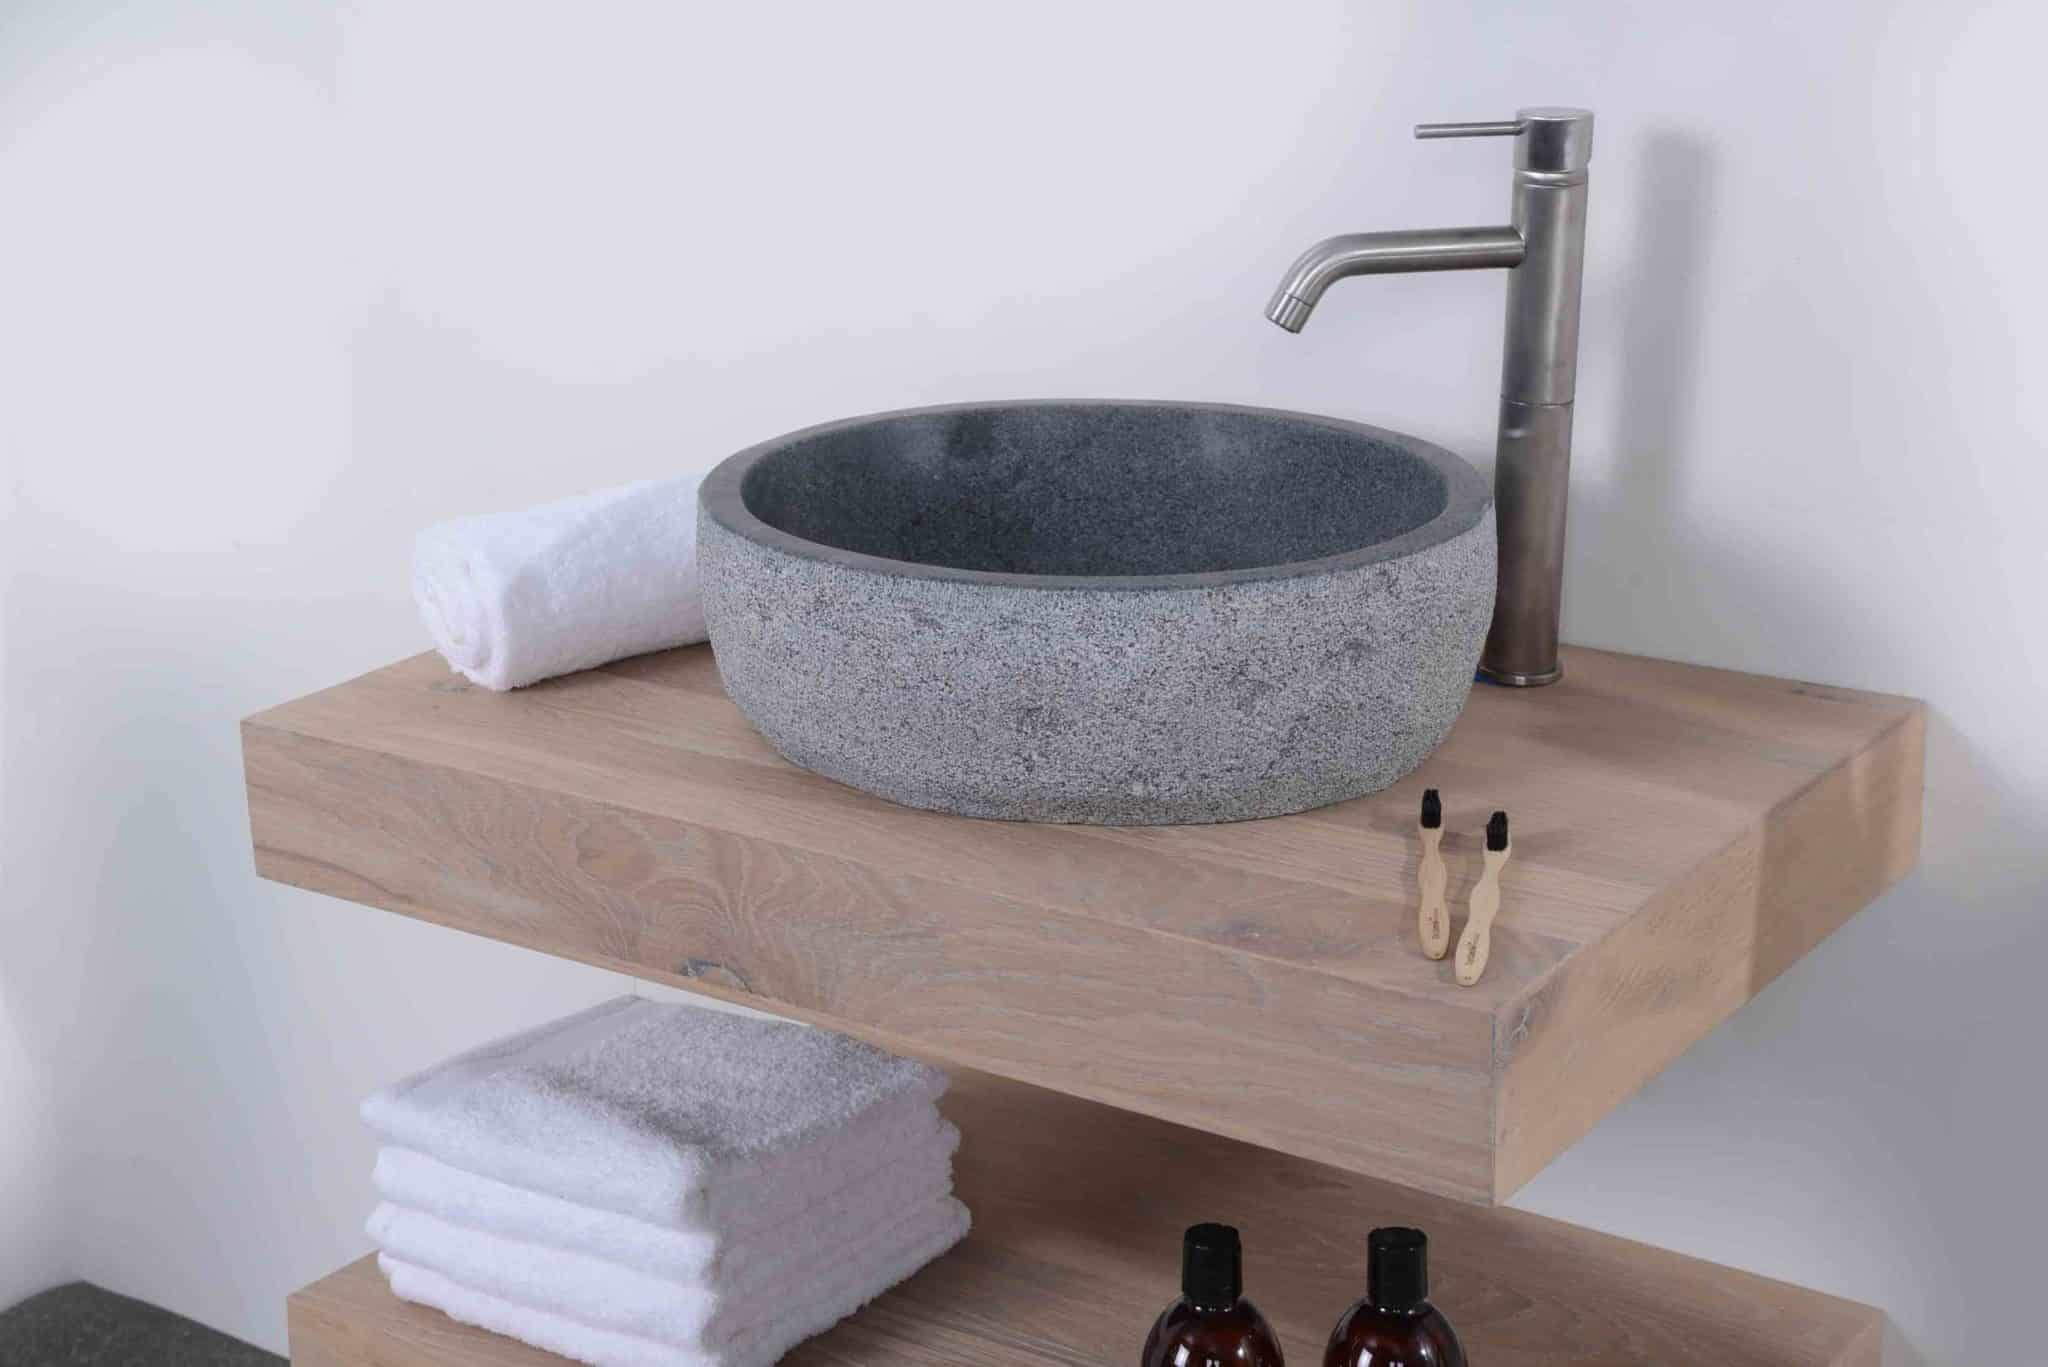 mooie rvs kraan boven een granieten waskom op een eiken wastafelblad